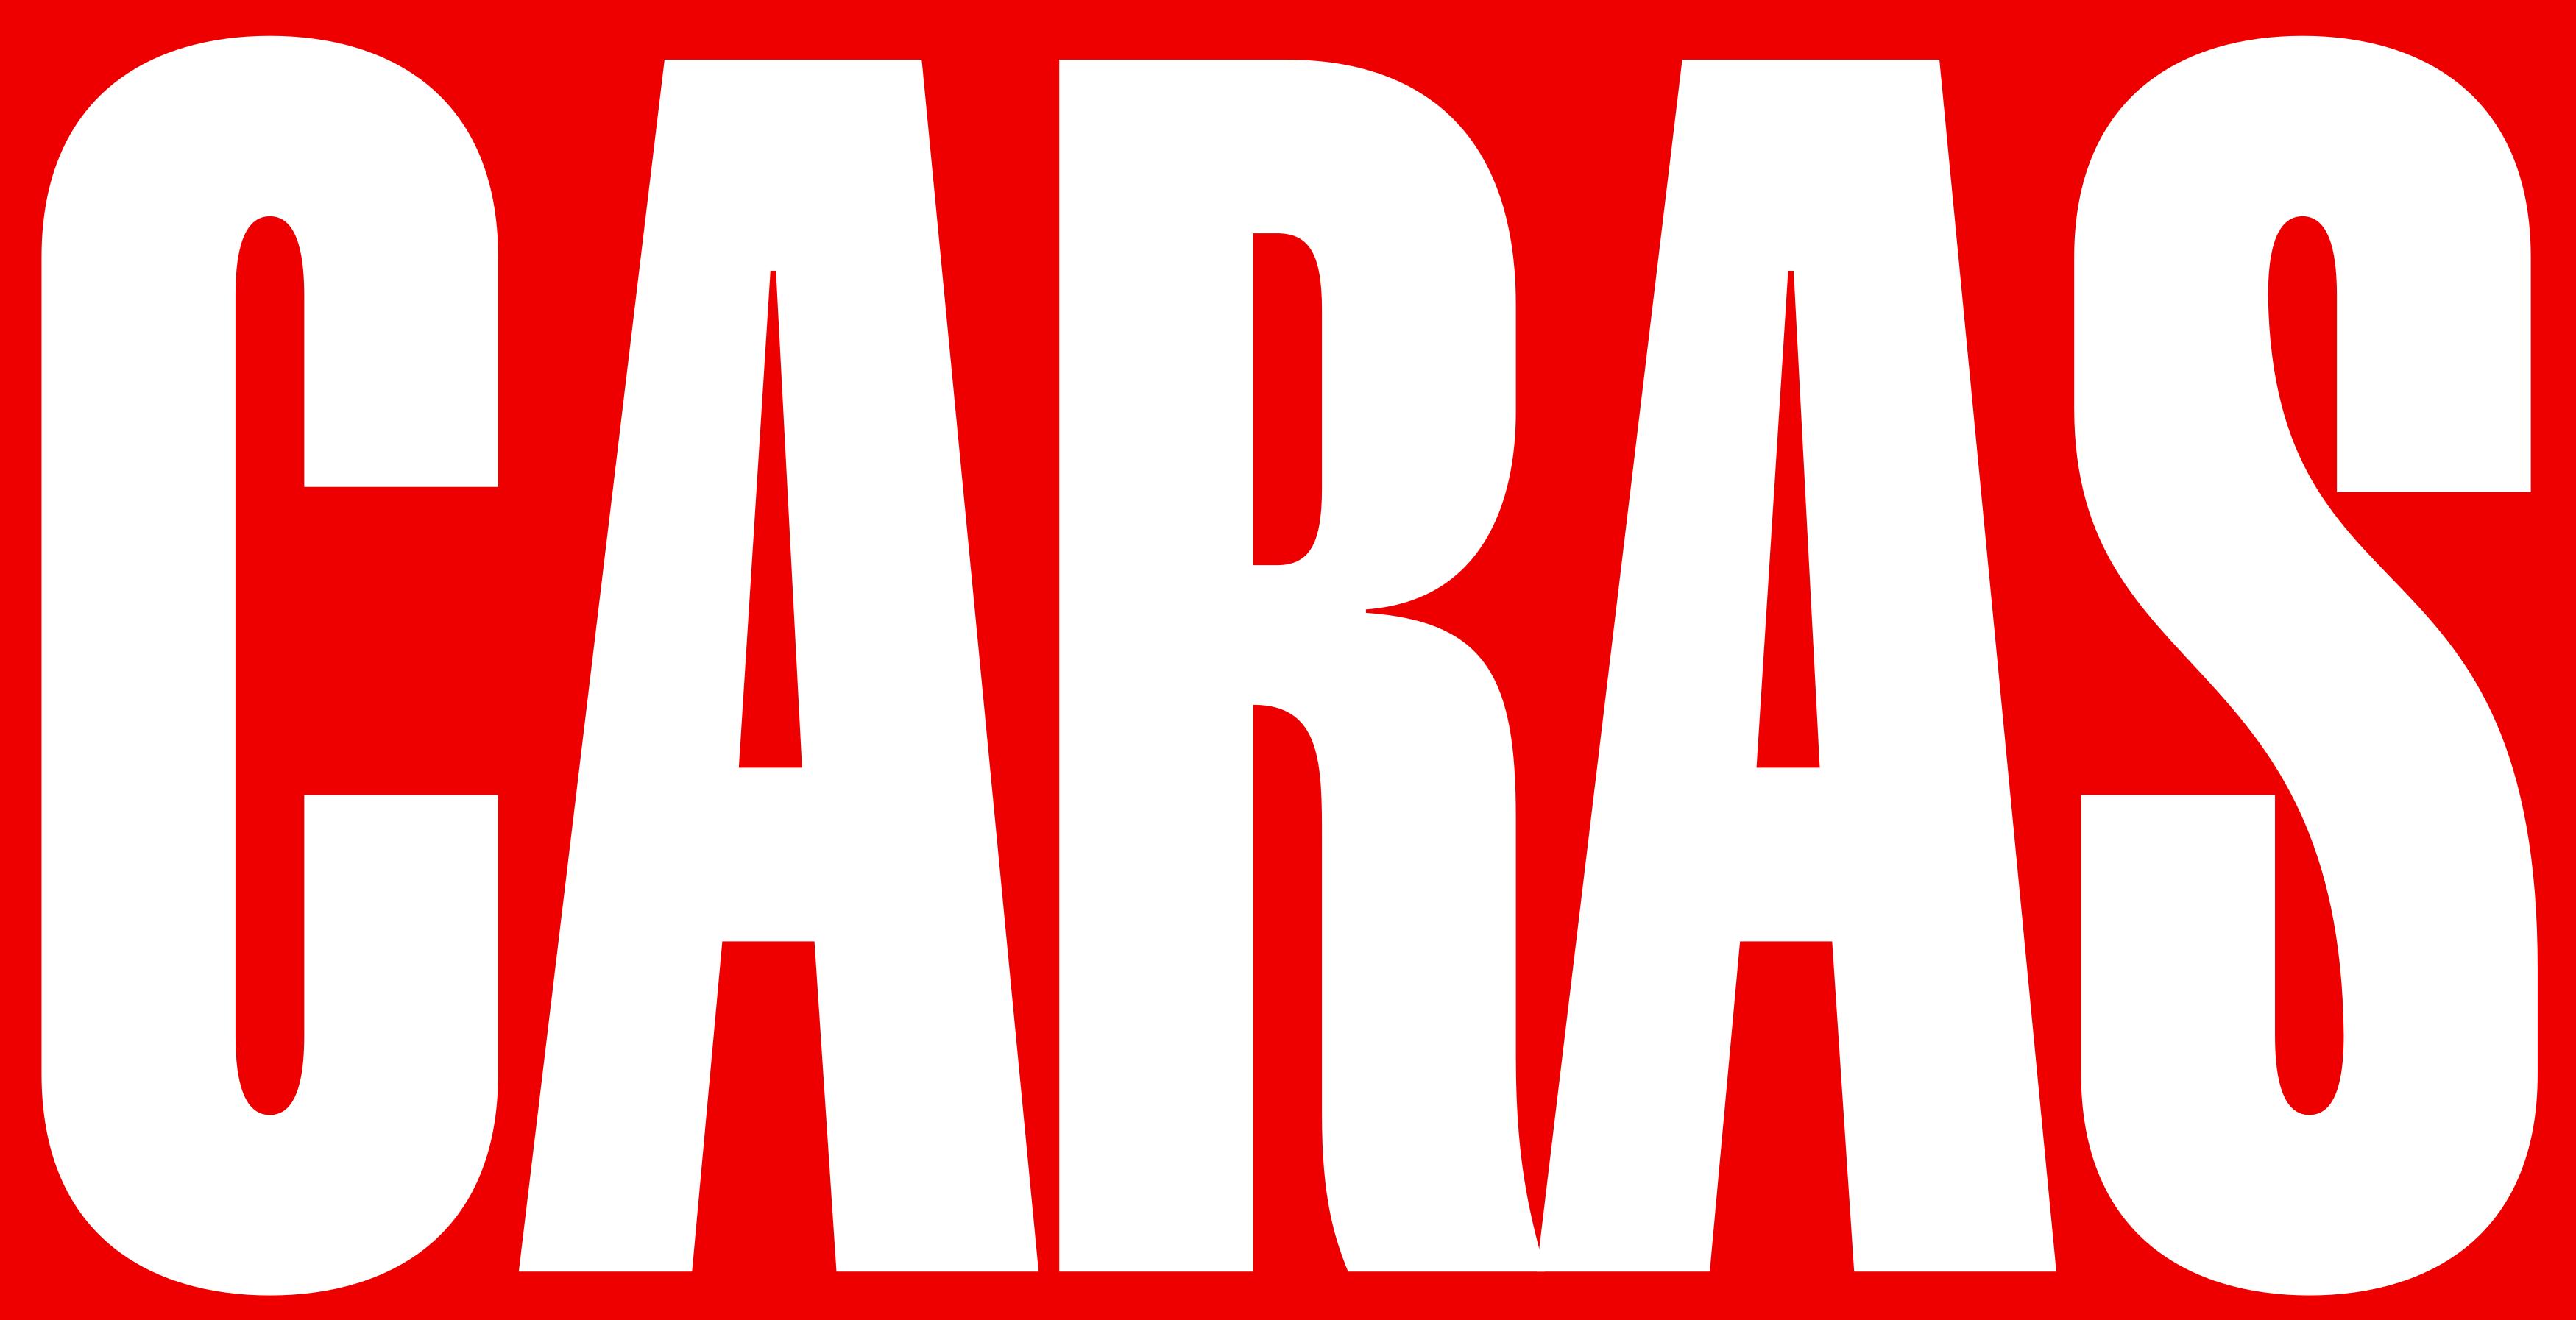 caras logo - CARAS Logo